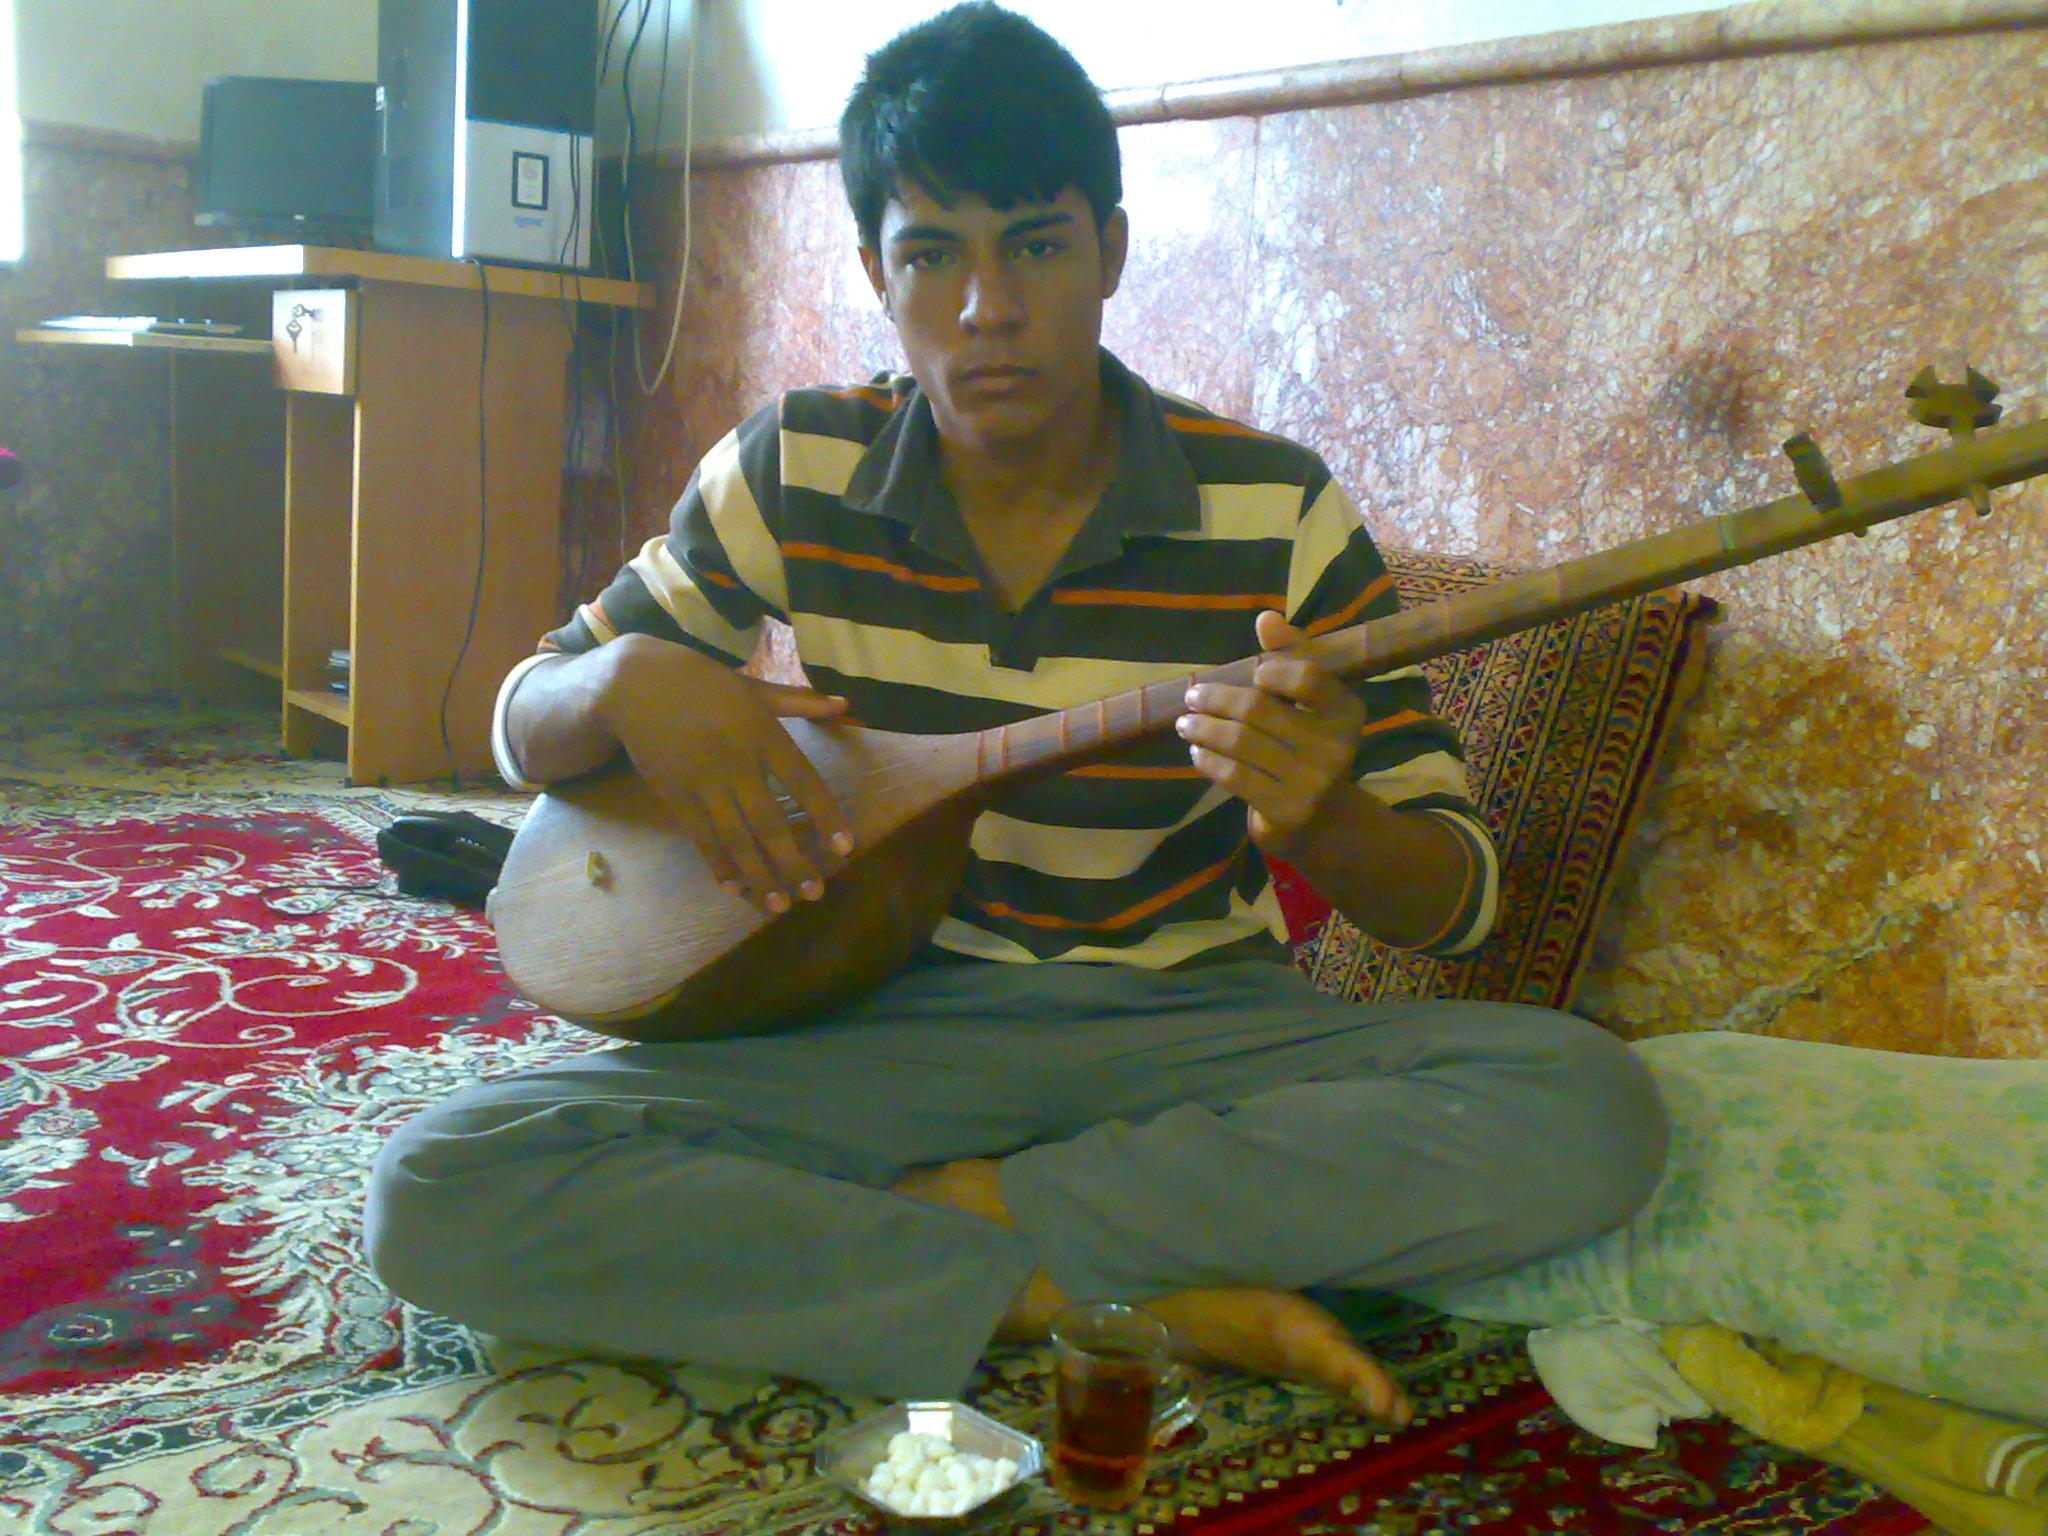 کانال+تلگرام+موسیقی+محلی+خراسان